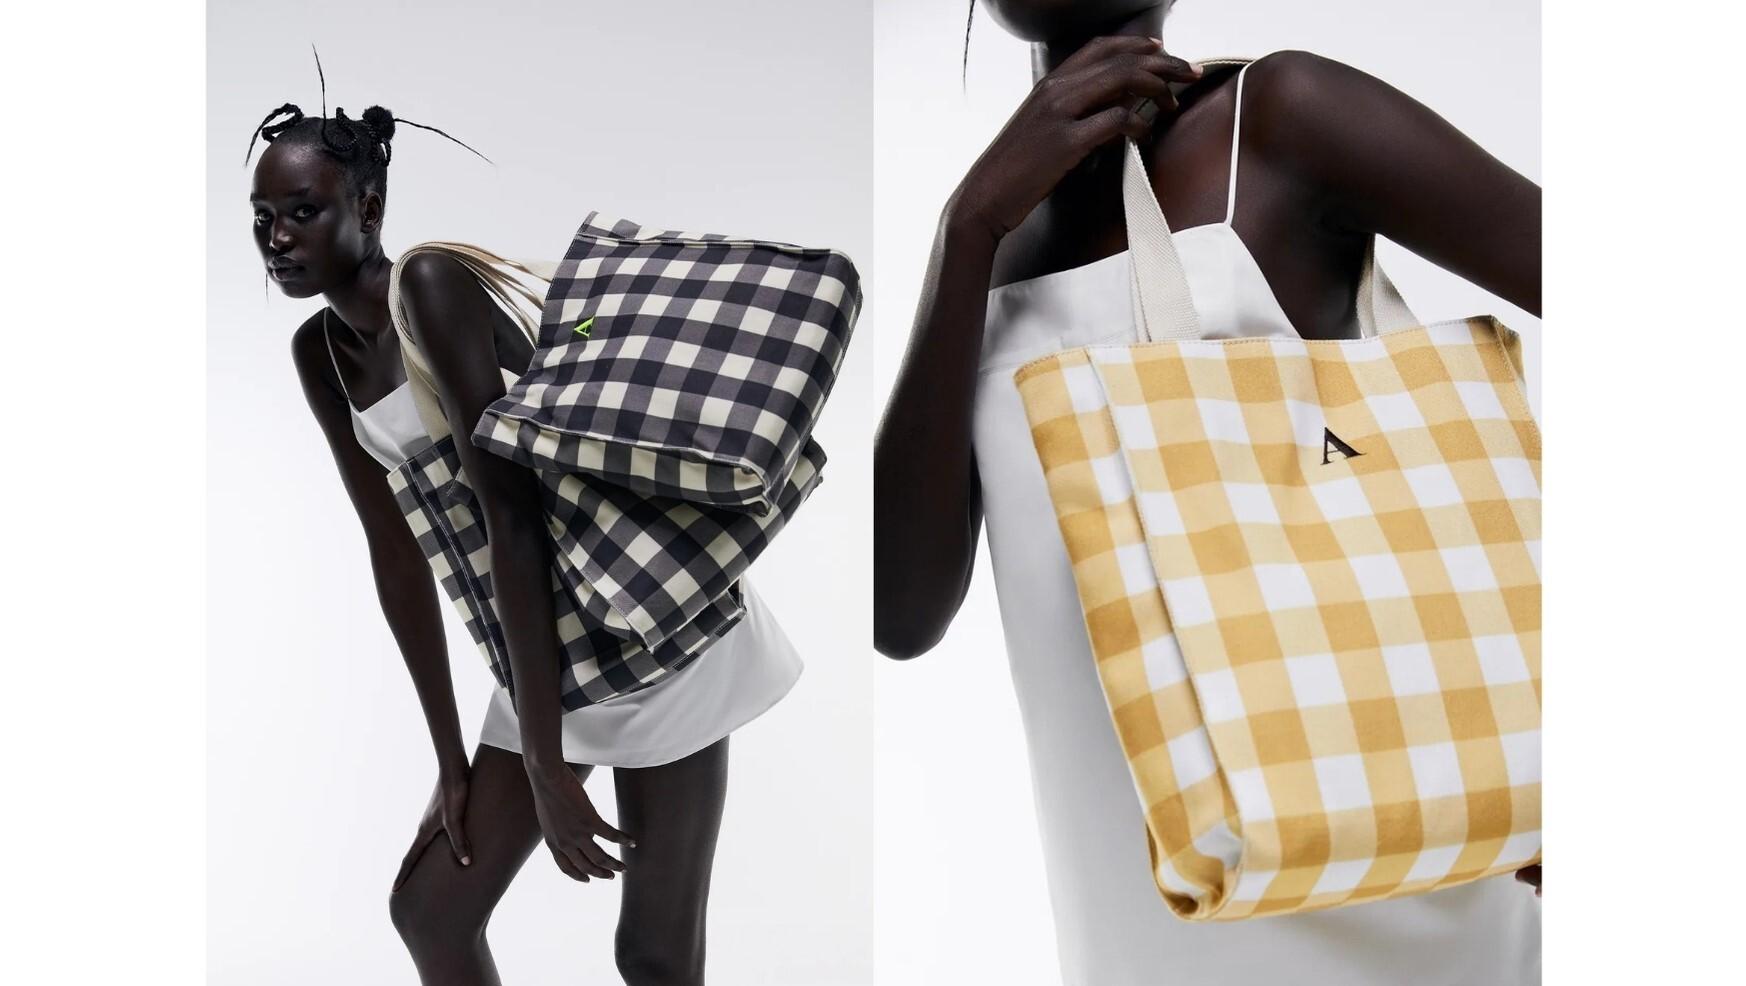 【ZARA】+290円でイニシャル入りオリジナルバッグが作れる! 通学、通勤にもぴったりな「パーソナライズ キャンバス トートバッグ _1_8